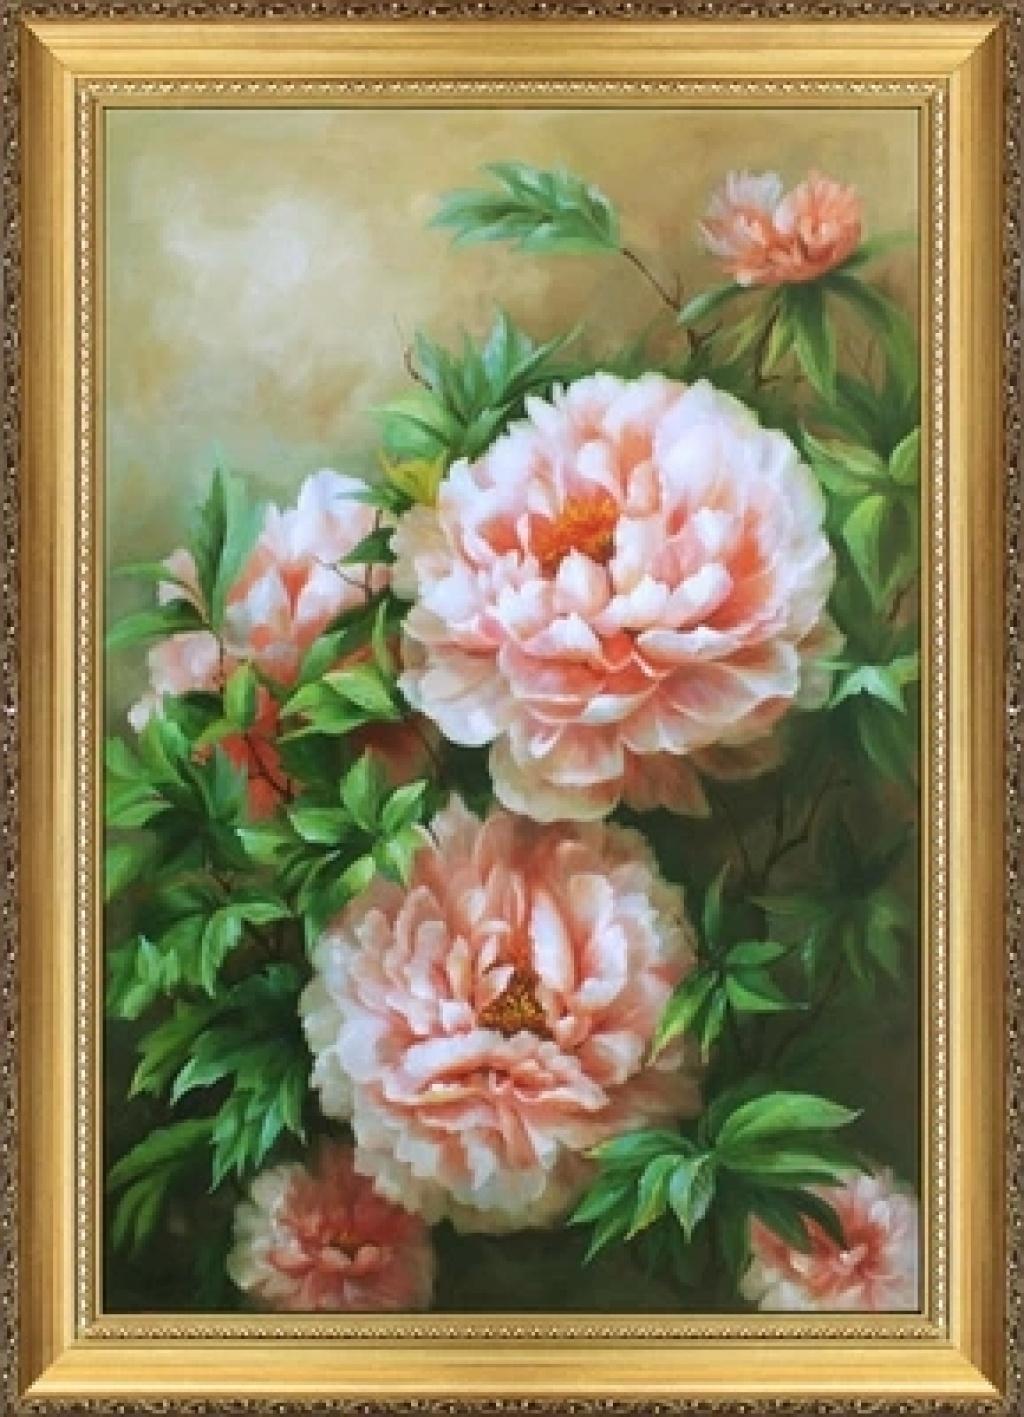 高档牡丹花油画 卧室餐厅装饰画 欧式有框画 花卉油画